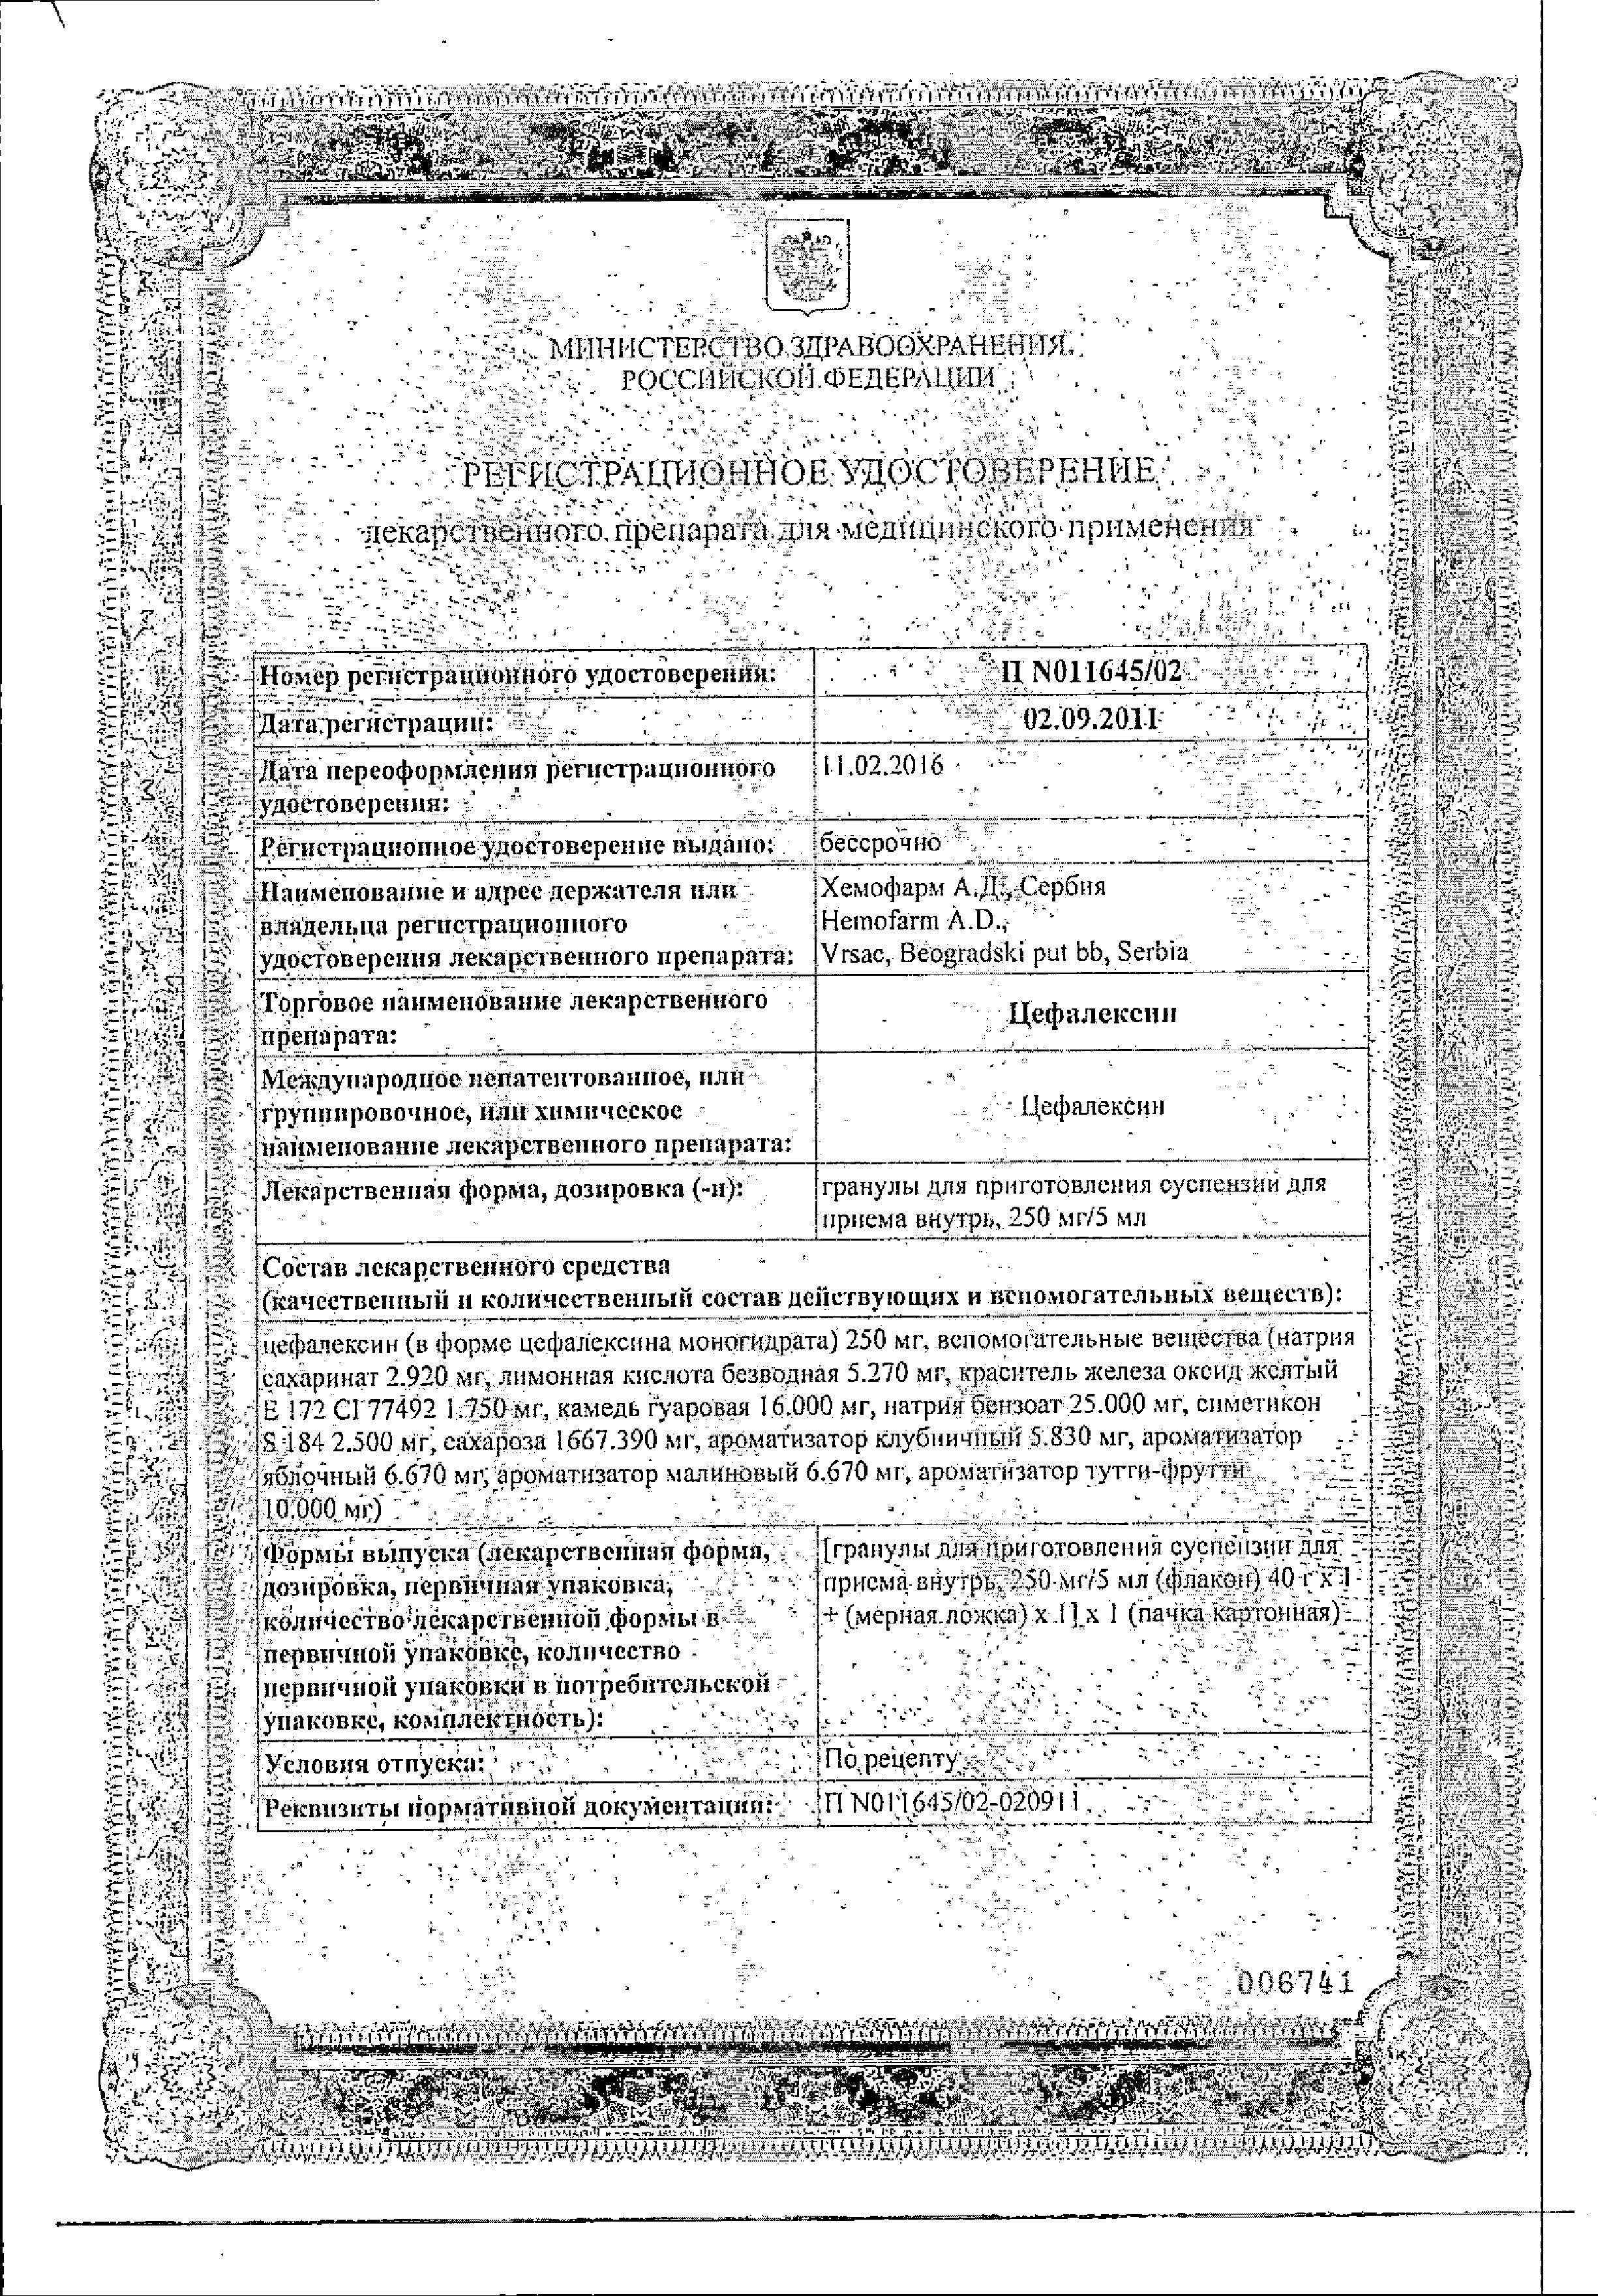 Цефалексин сертификат